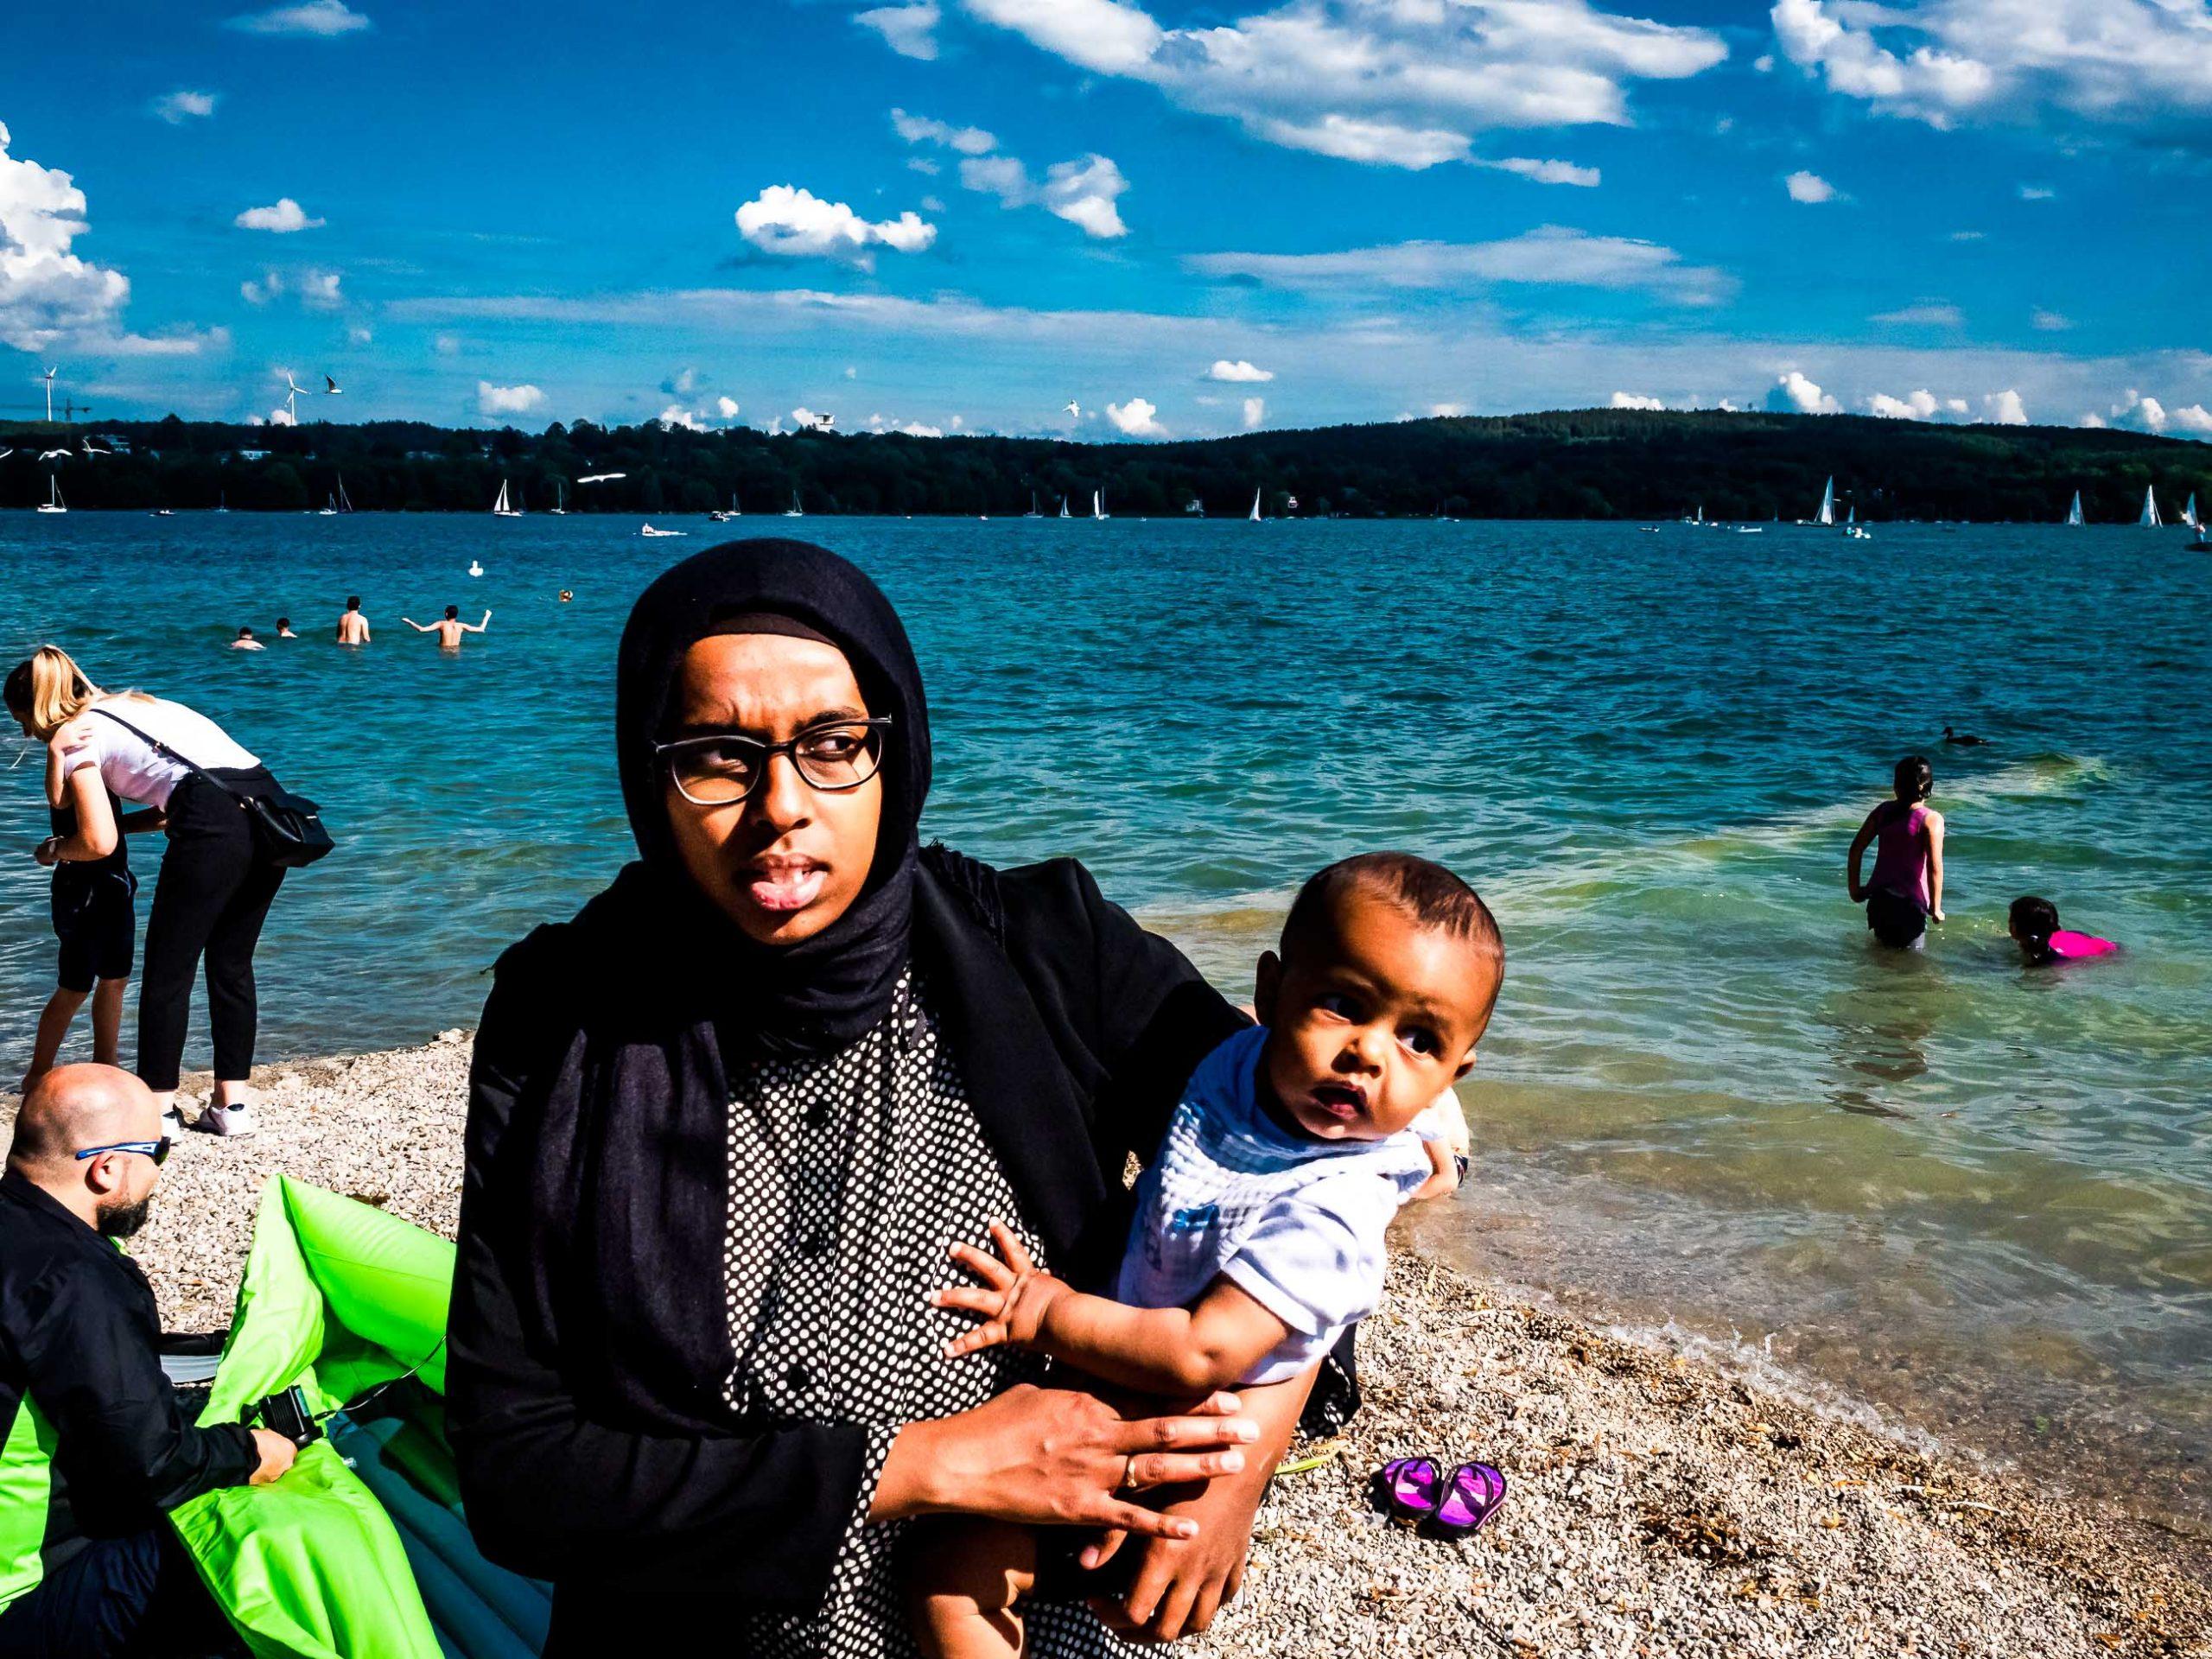 Arabische Mama und Kinder Menschen auf der Strandpromenade in Starnberg am See in Bayern,